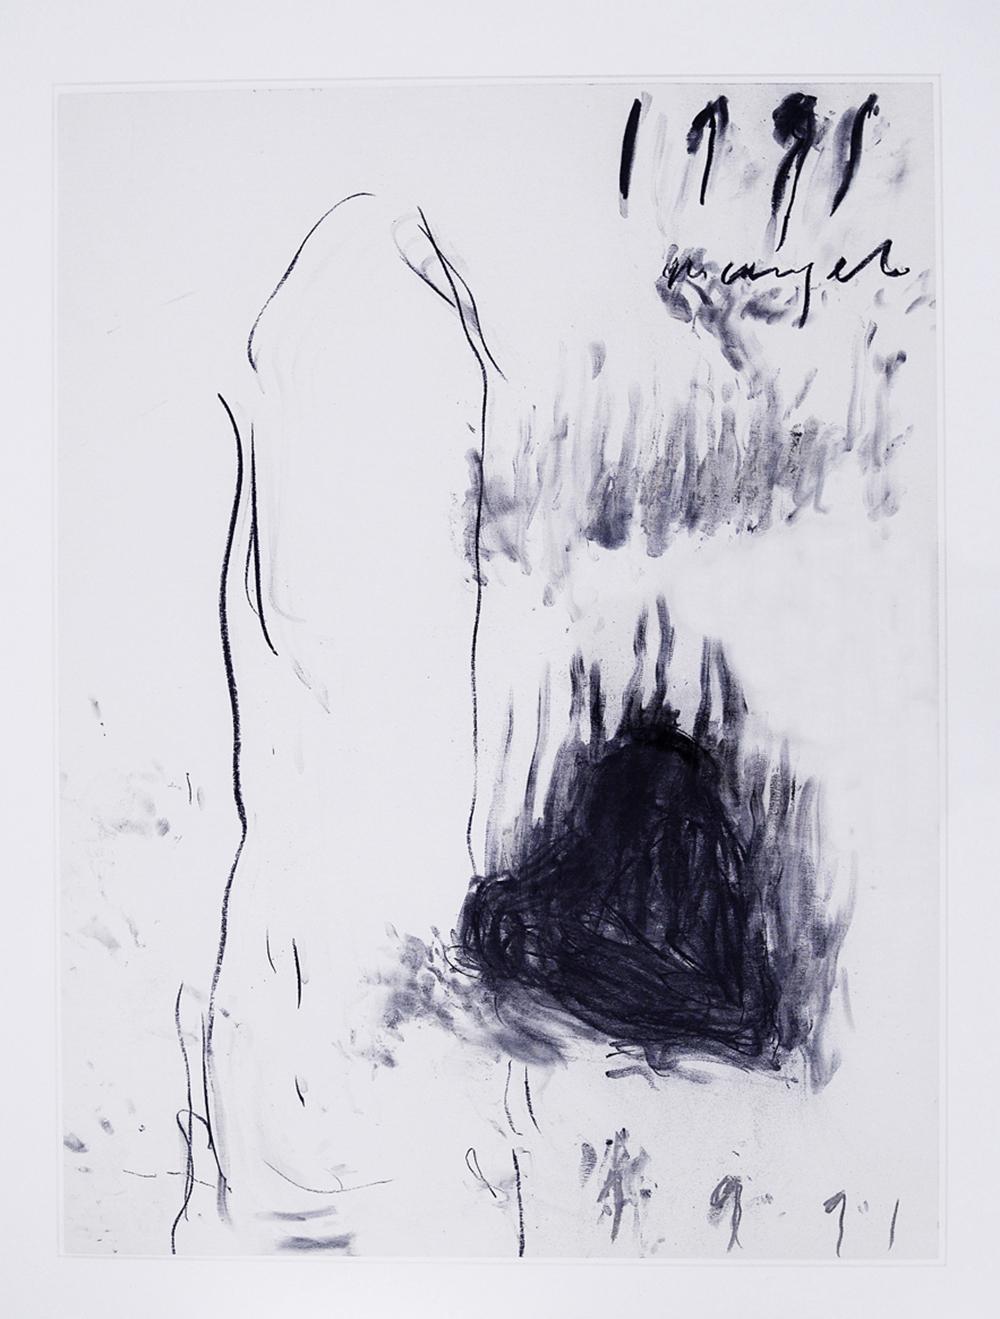 Senza titolo, 1991, tecnica mista su cartoncino, cm 75x58